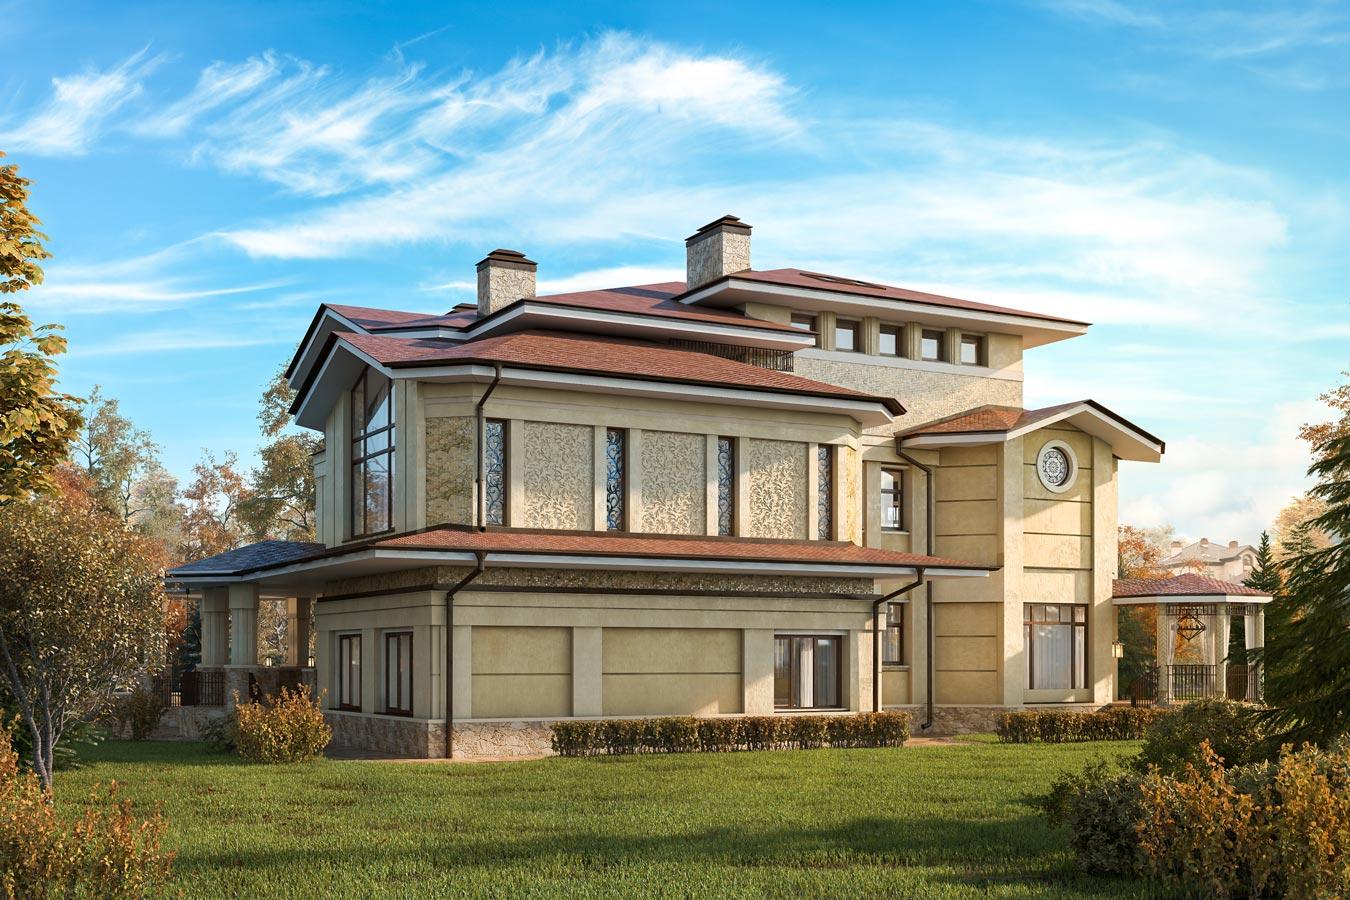 Элитный дом в поселке Гринфилд